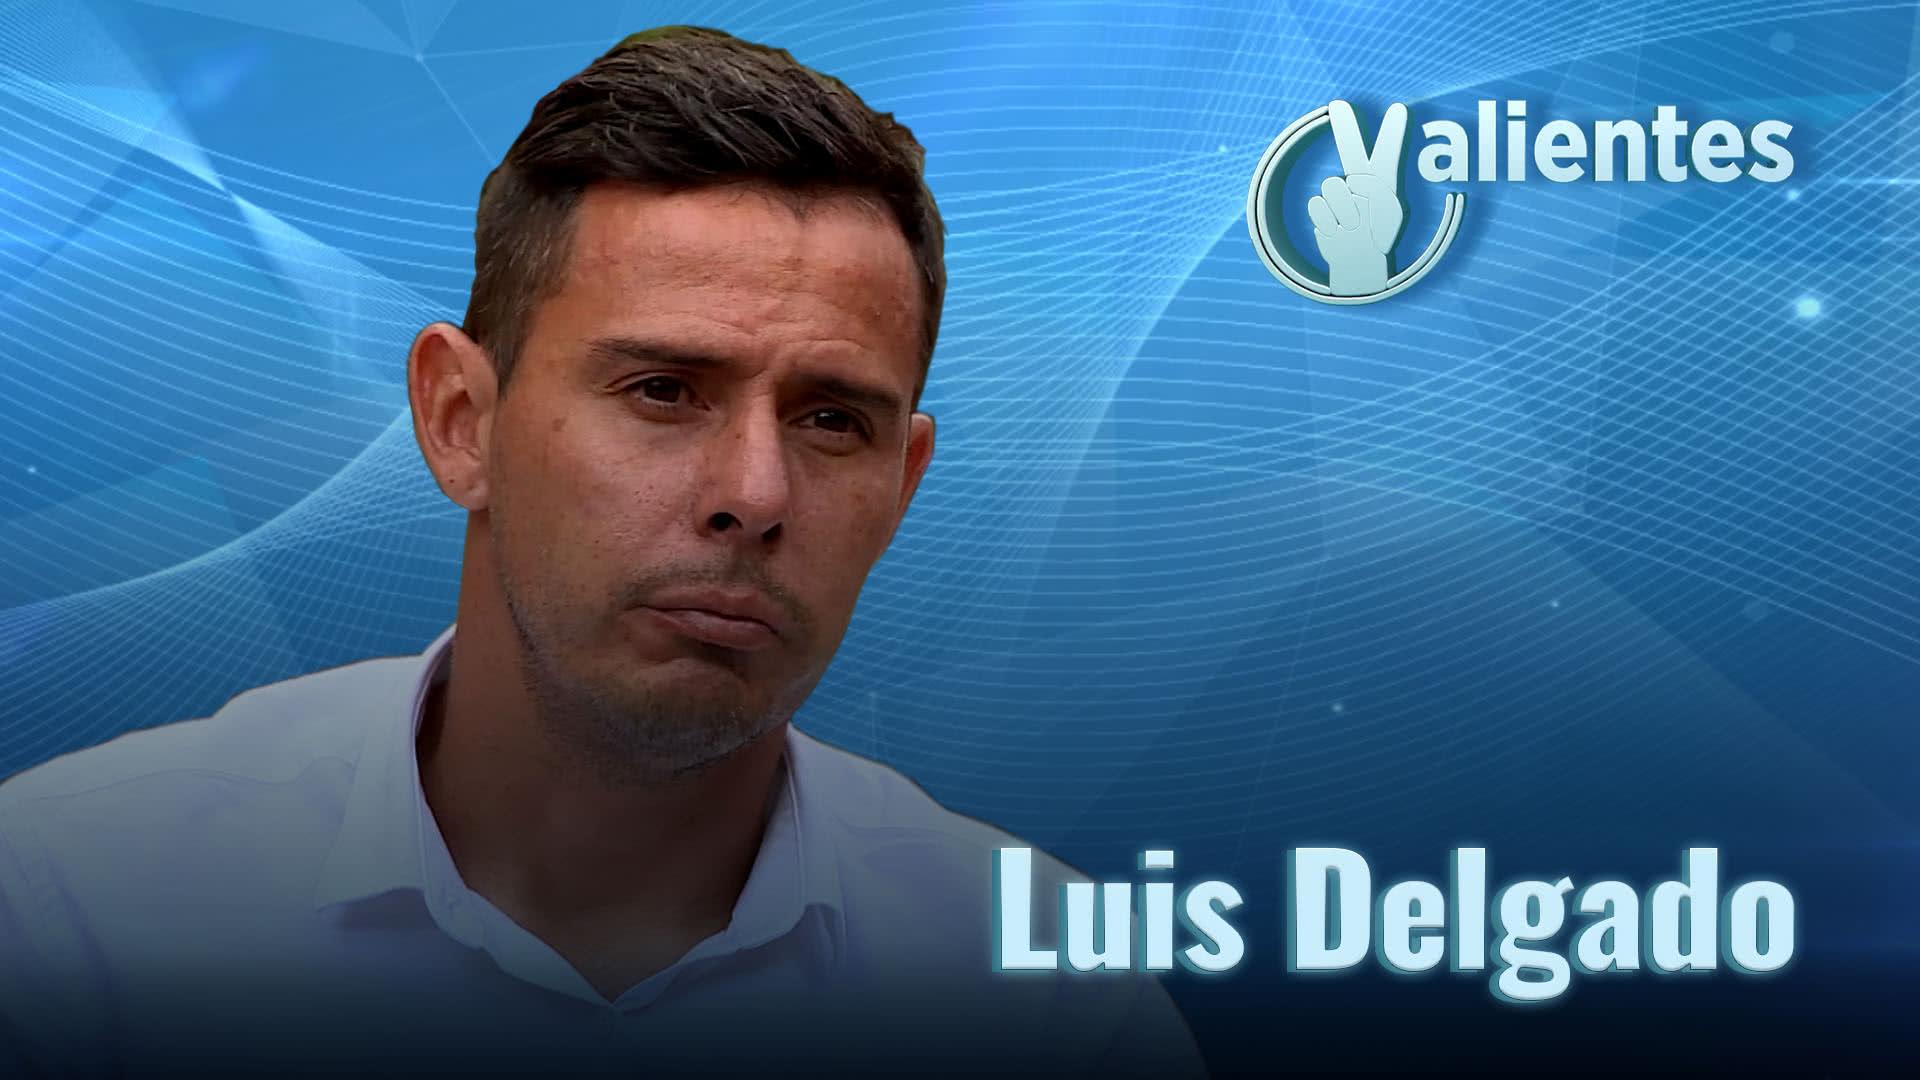 Luis Delgado, el golero de la vida símbolo de resiliencia